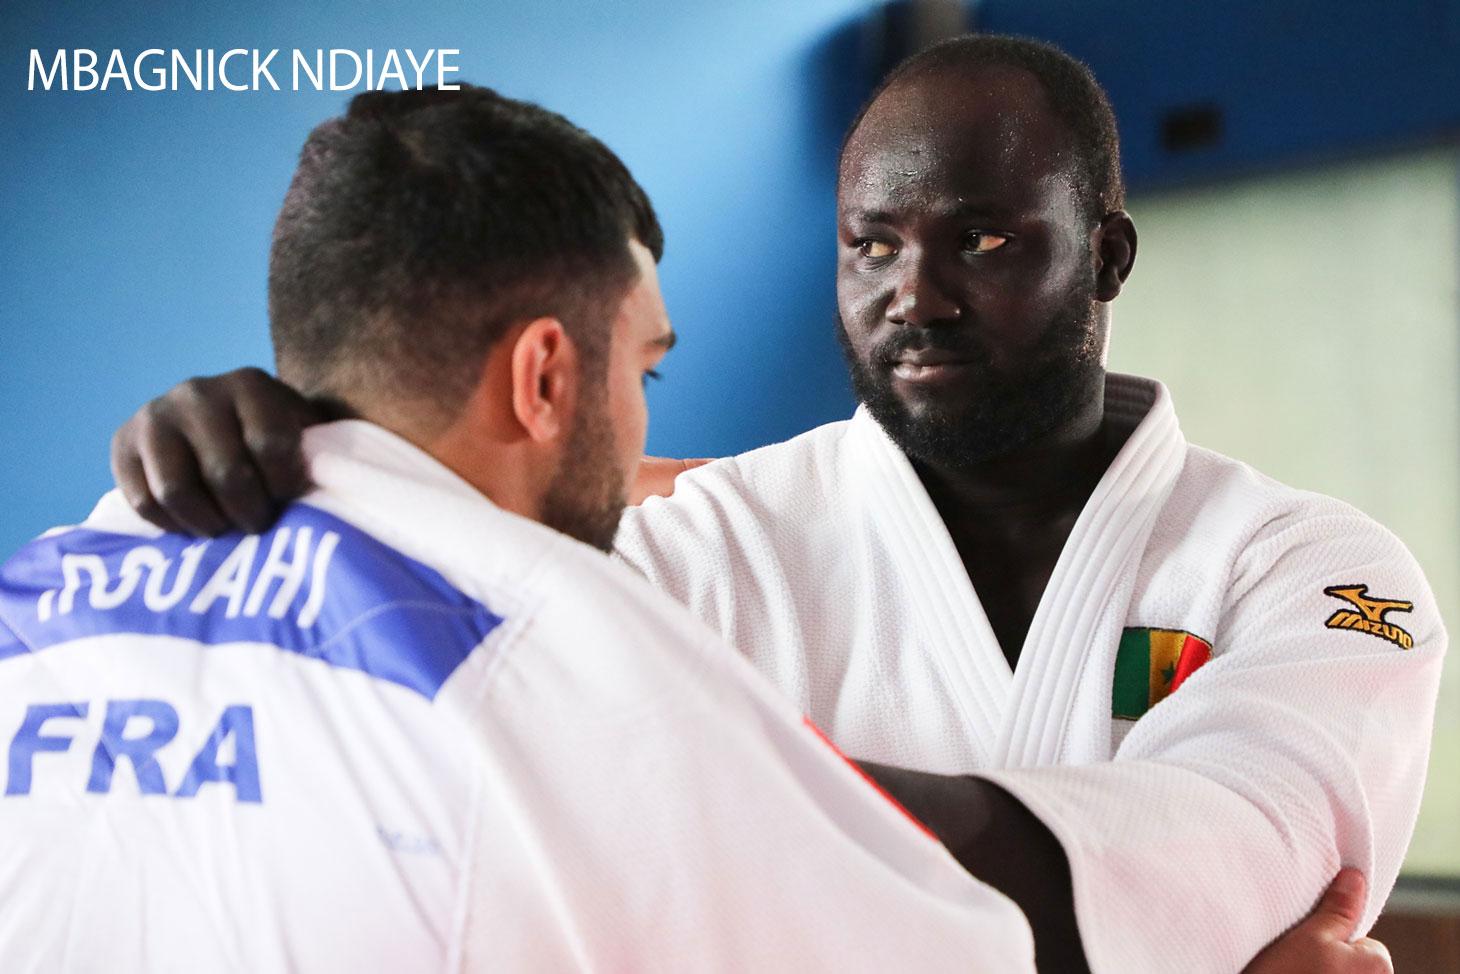 Mbagnick Ndiaye, étudiant sportif de haut niveau à l'UGA